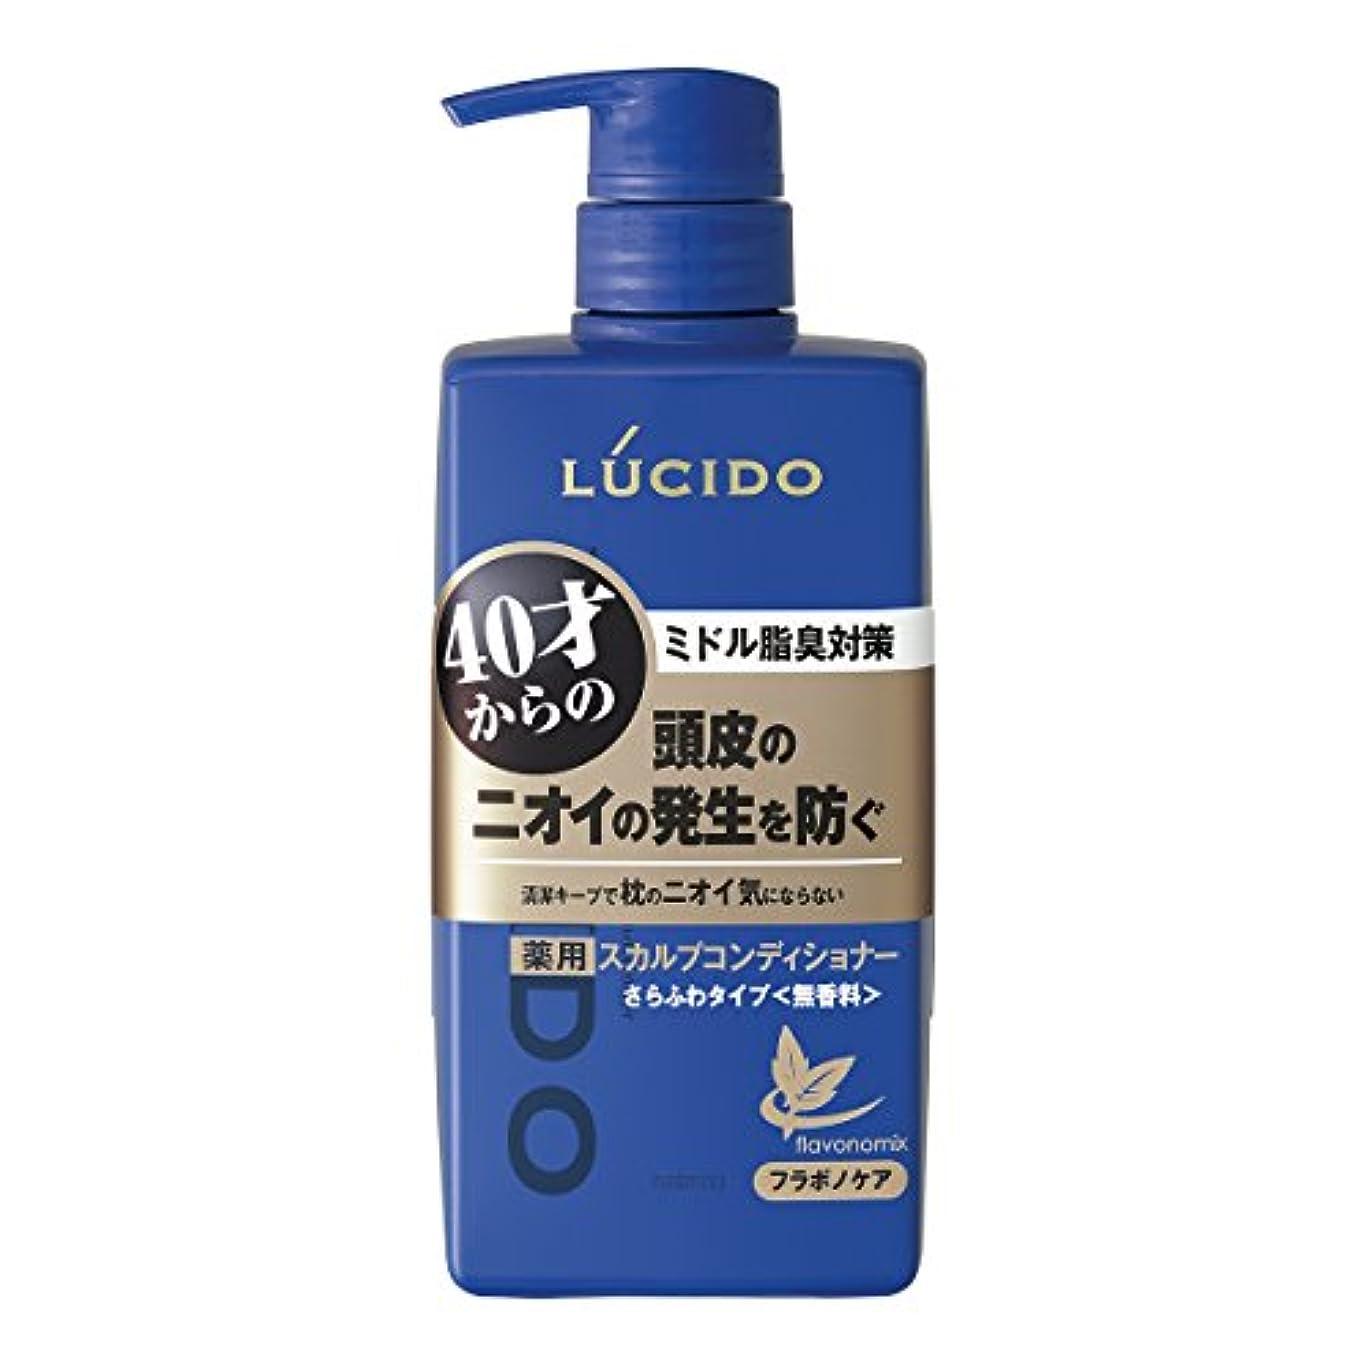 お嬢電池解明するルシード 薬用ヘア&スカルプコンディショナー 450g(医薬部外品)